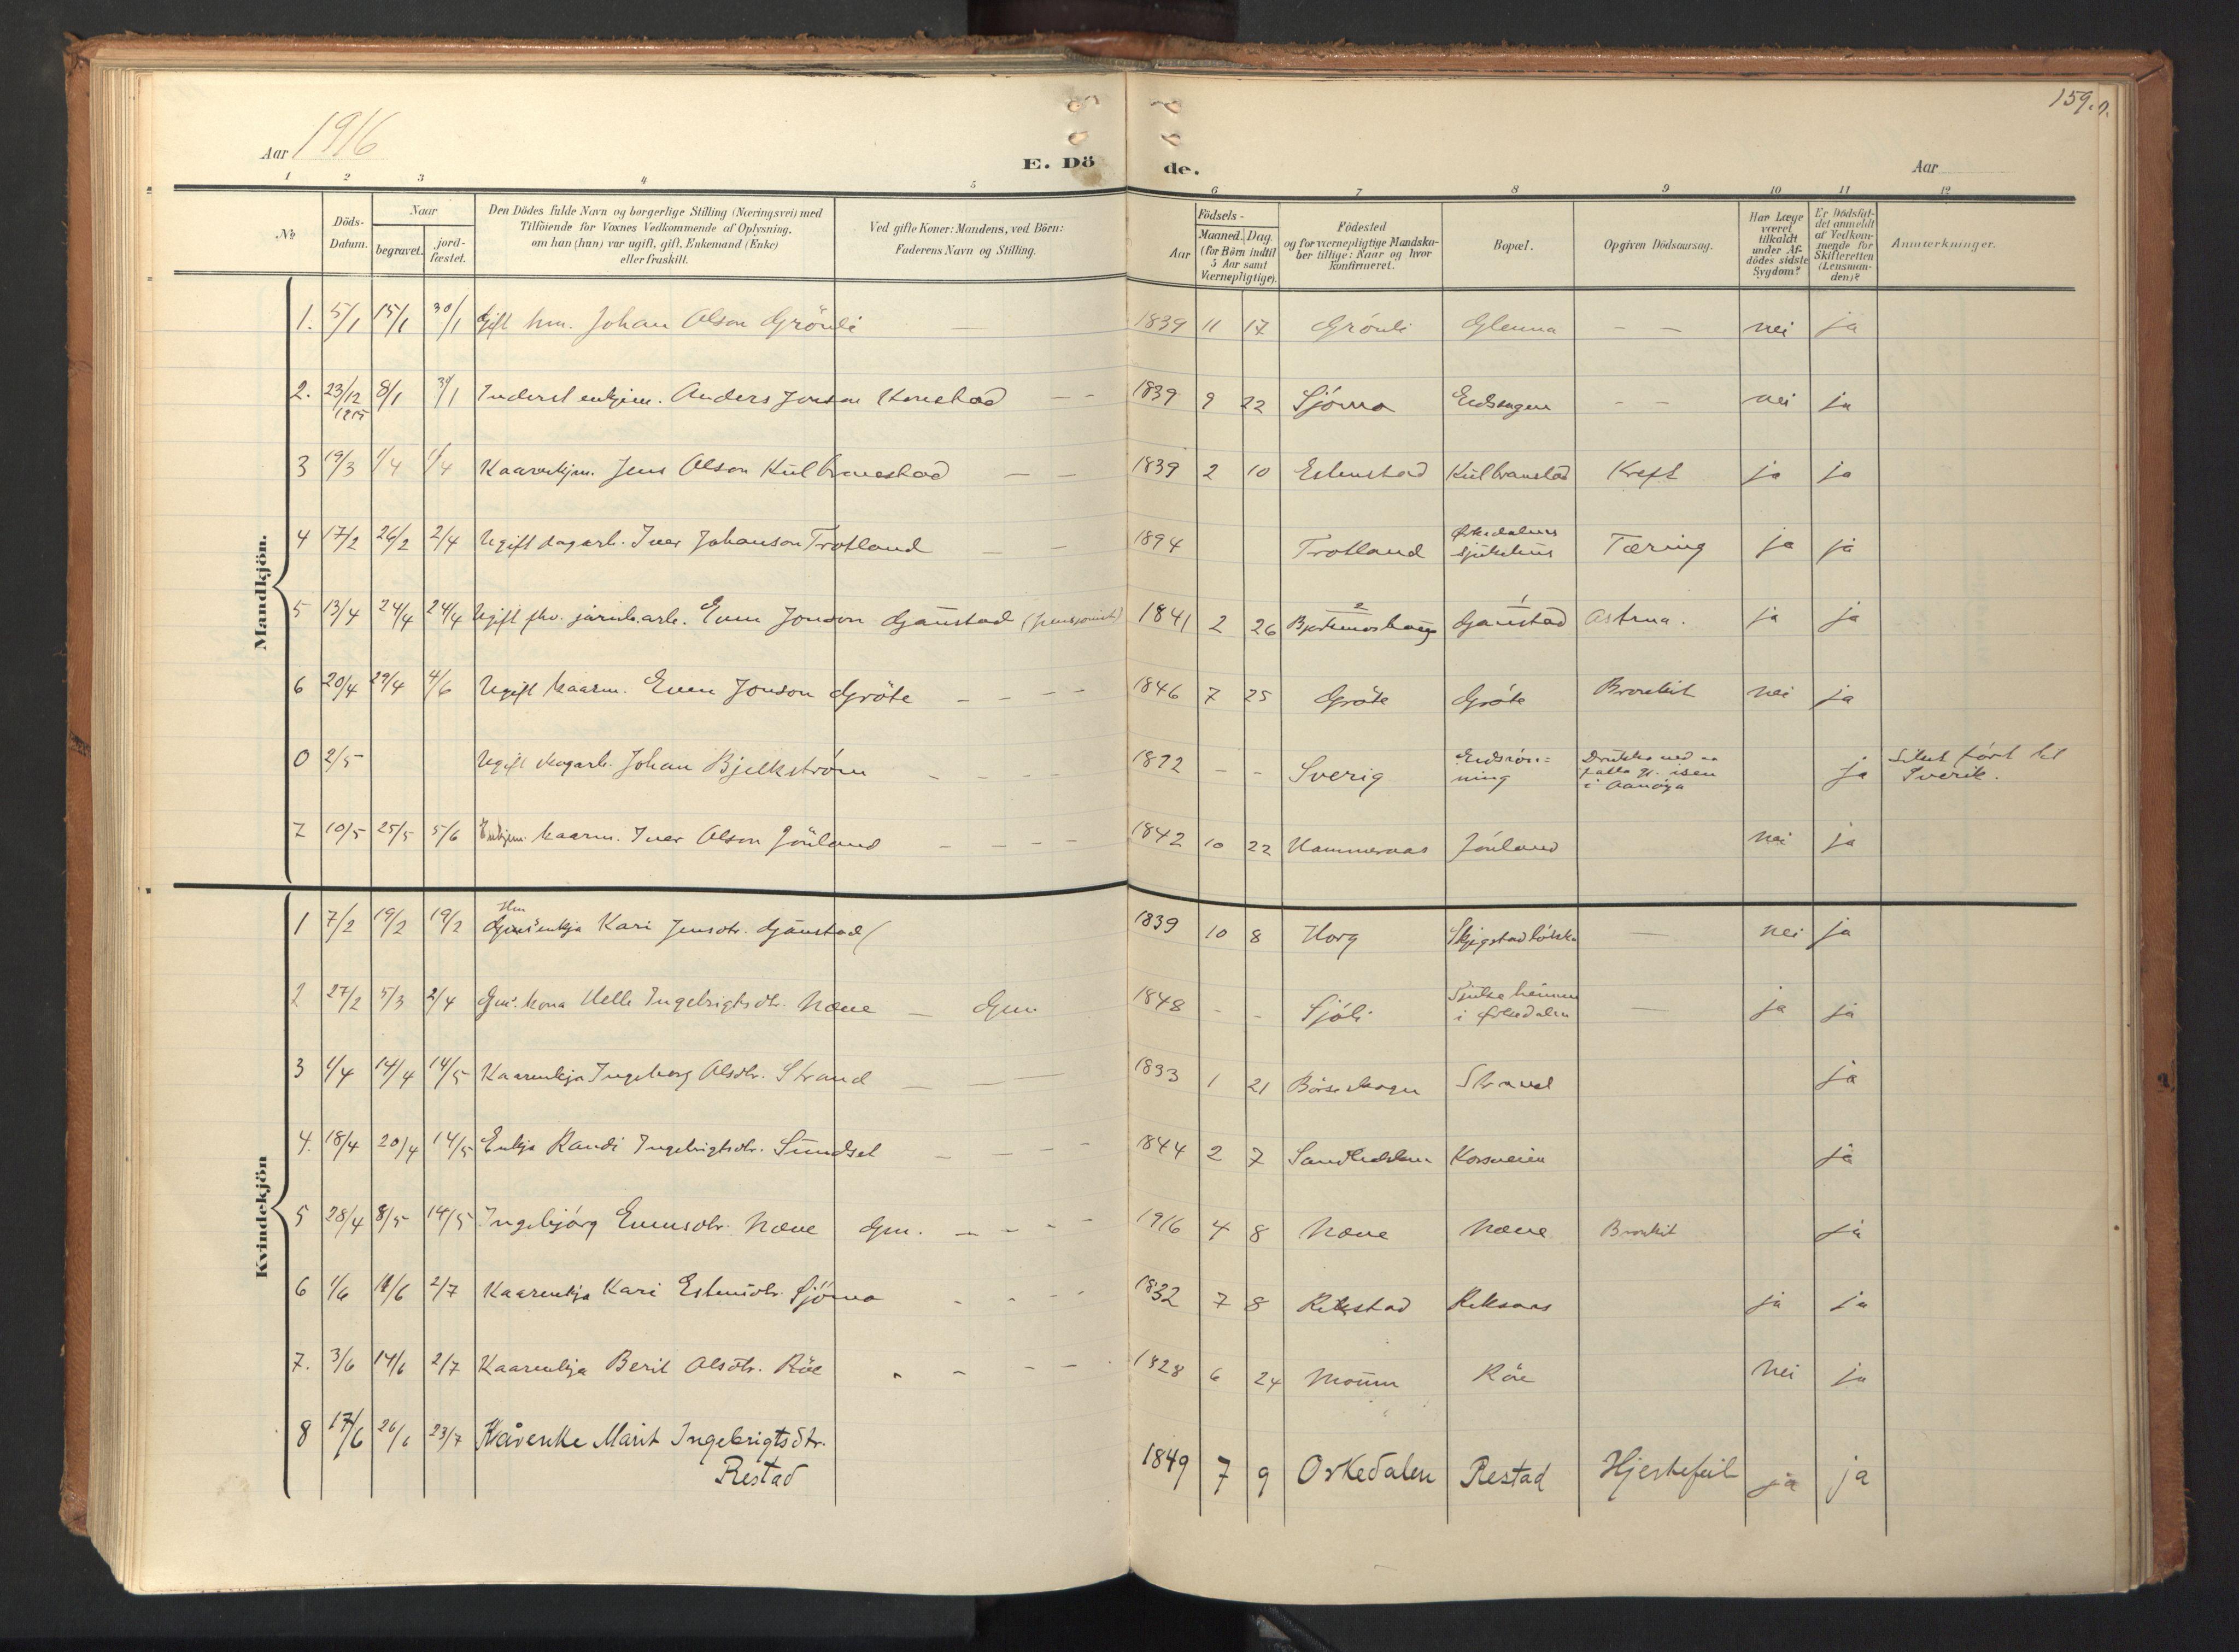 SAT, Ministerialprotokoller, klokkerbøker og fødselsregistre - Sør-Trøndelag, 694/L1128: Ministerialbok nr. 694A02, 1906-1931, s. 159